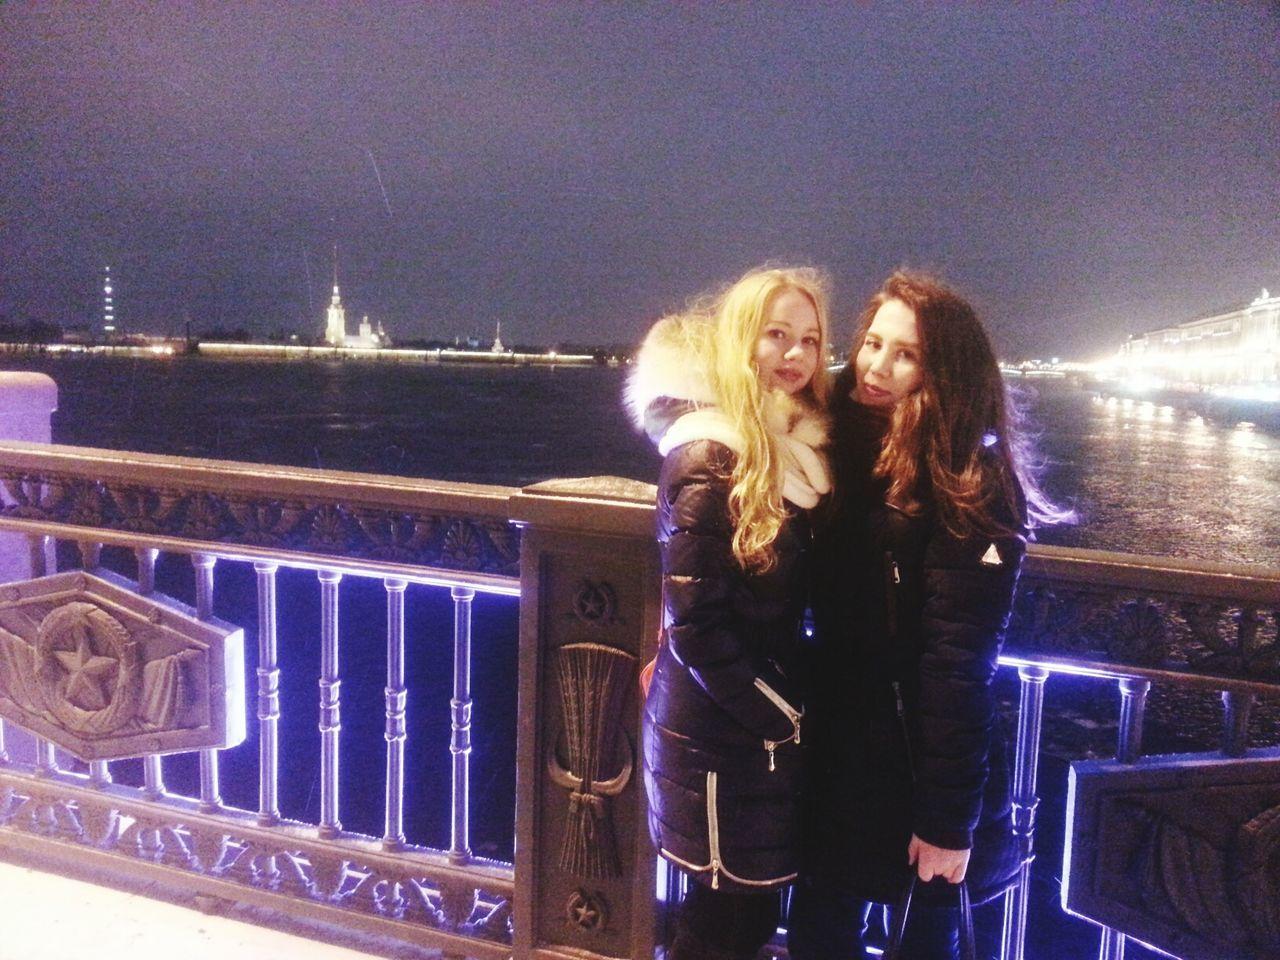 Санкт-Петербург Ночь город пейзаж крепость остров мост река